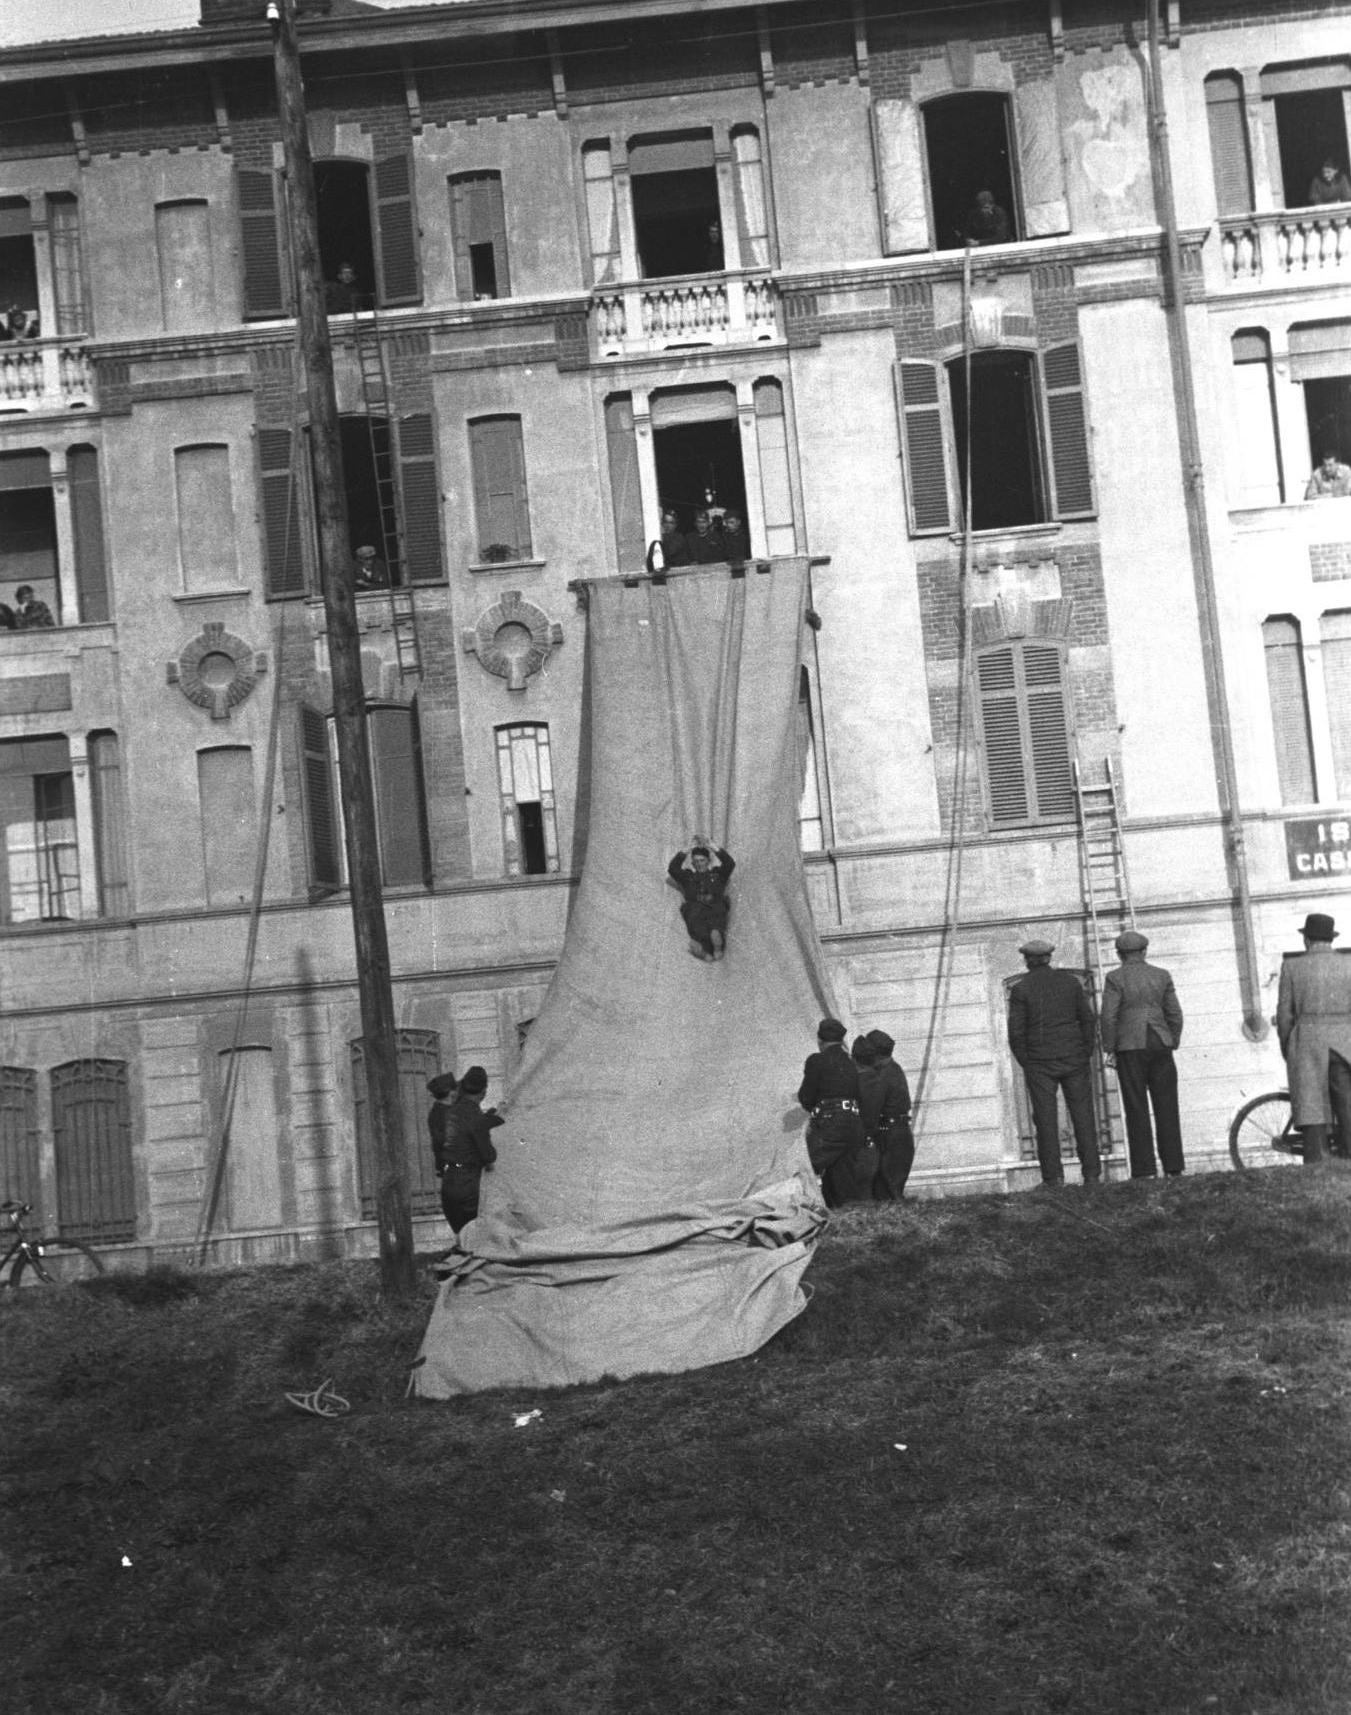 Esercitazione dei Vigili del Fuoco biellesi, anni Trenta (Fondazione Cassa di Risparmio di Biella, archivio Cesare Valerio)